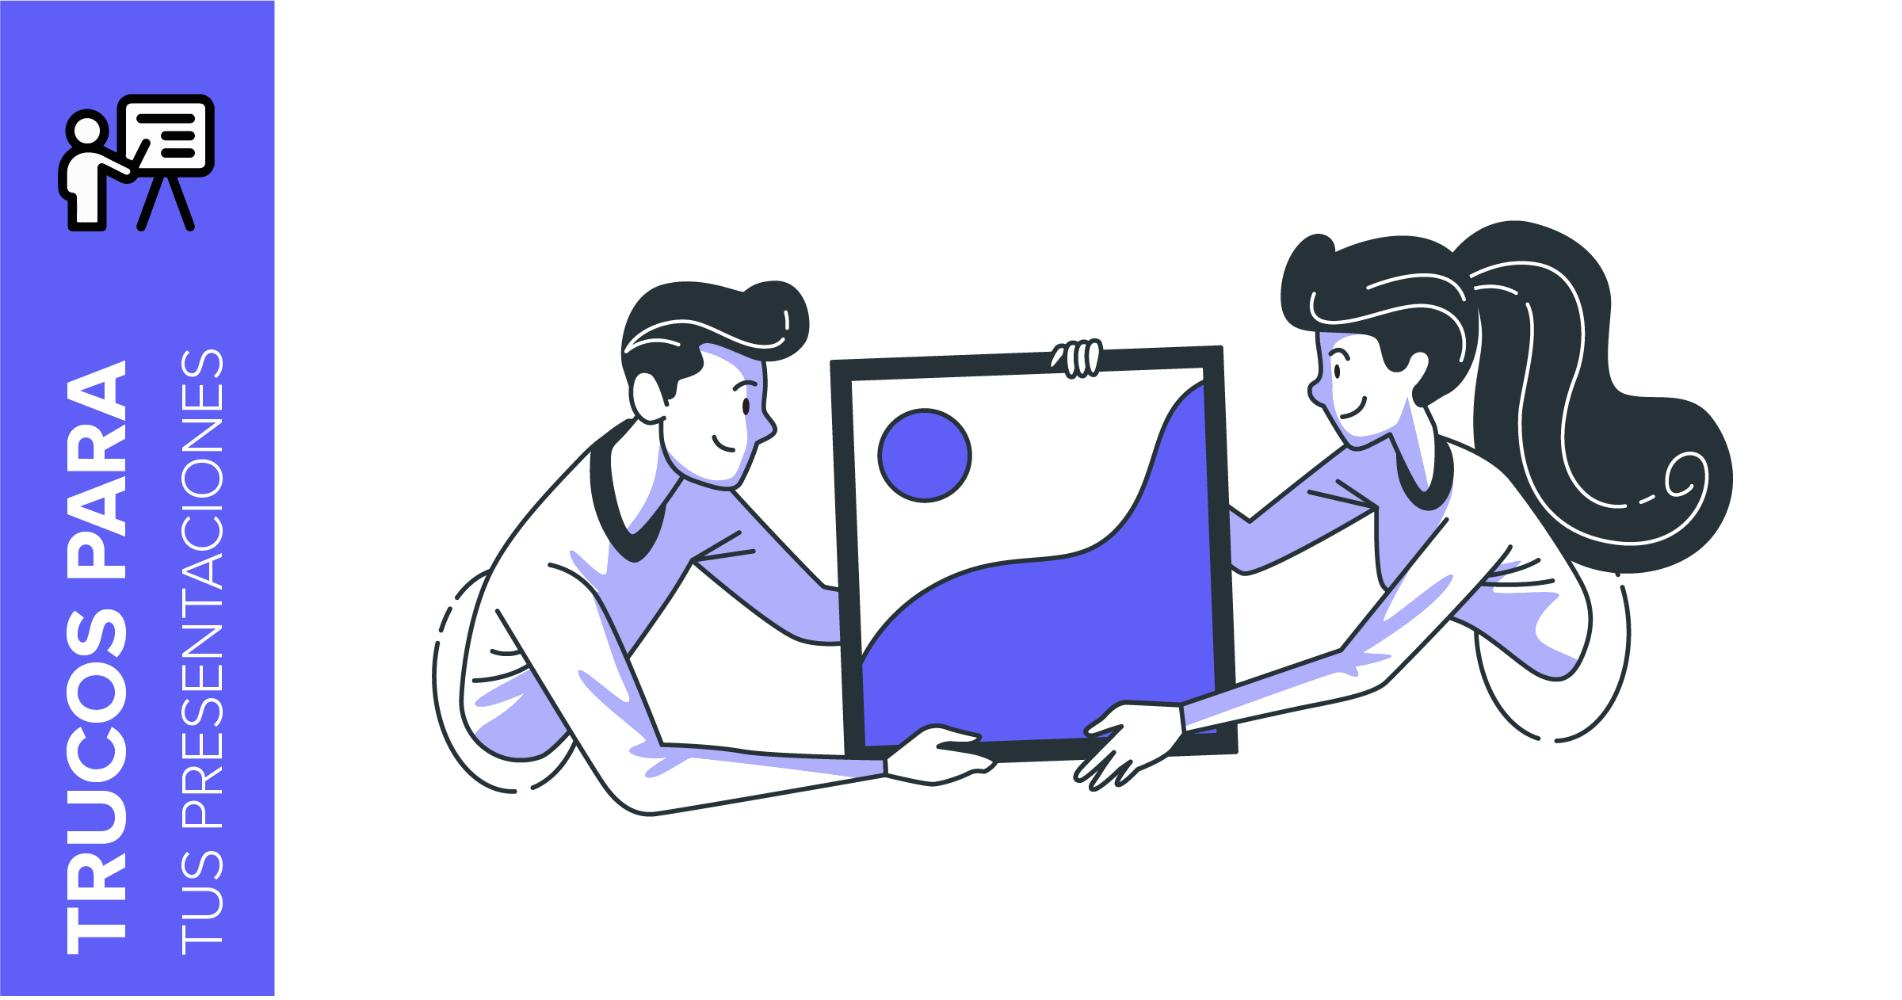 Storyset by Freepik: Ilustraciones increíbles para presentaciones creativas | Tutoriales y Tips para tus presentaciones